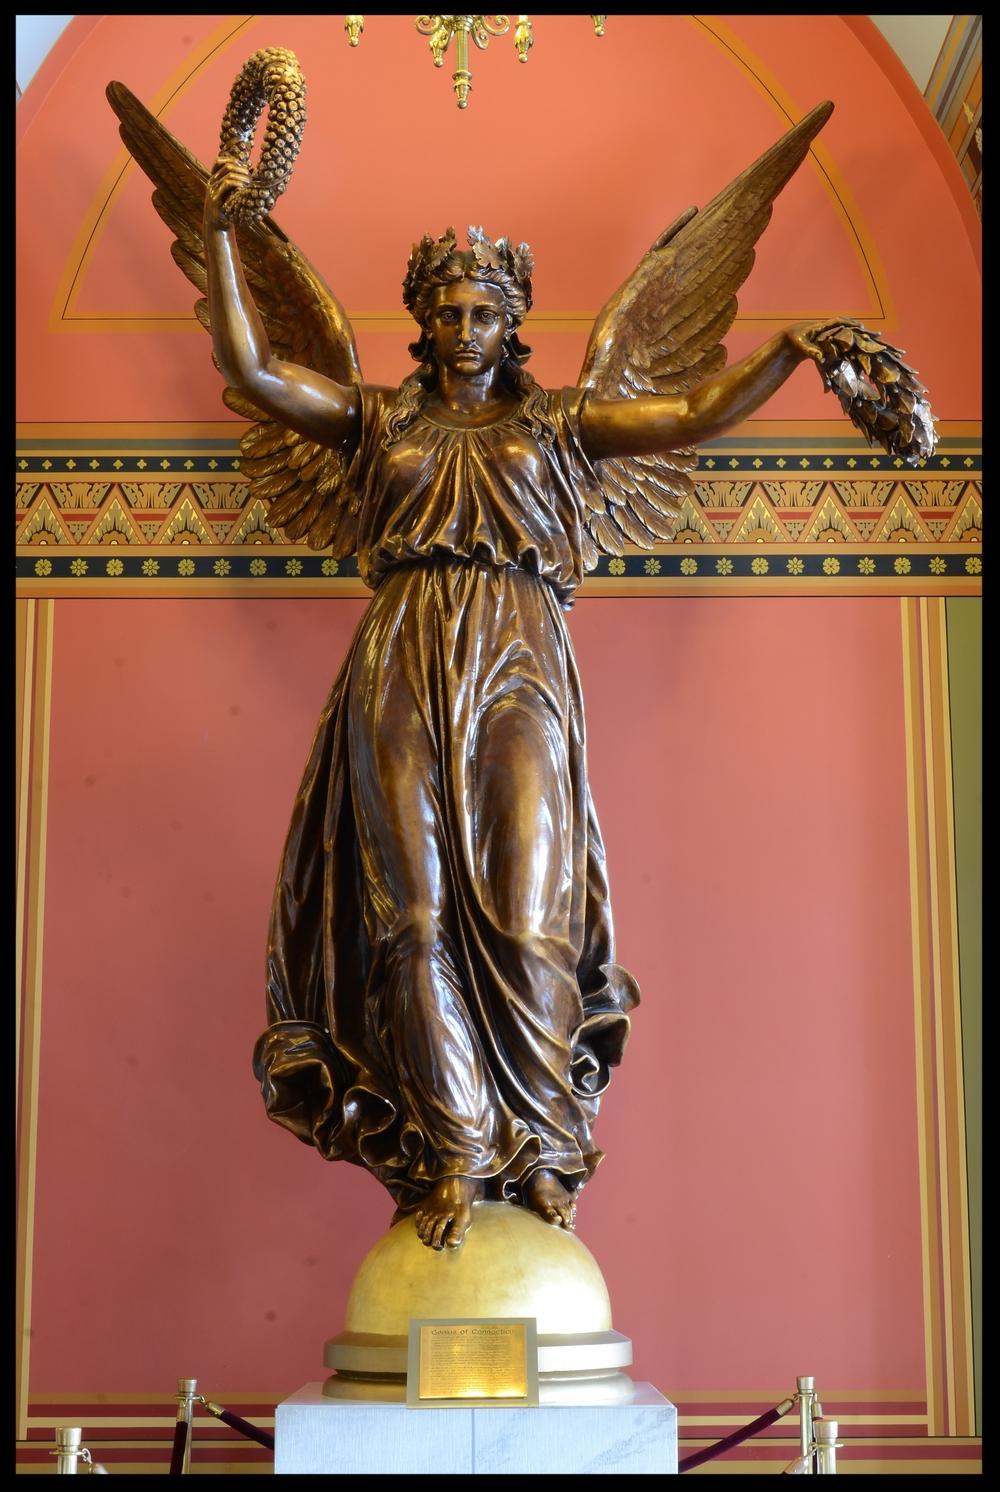 Genius of Connecticut - Bronze  located on the main floor of Capitol building